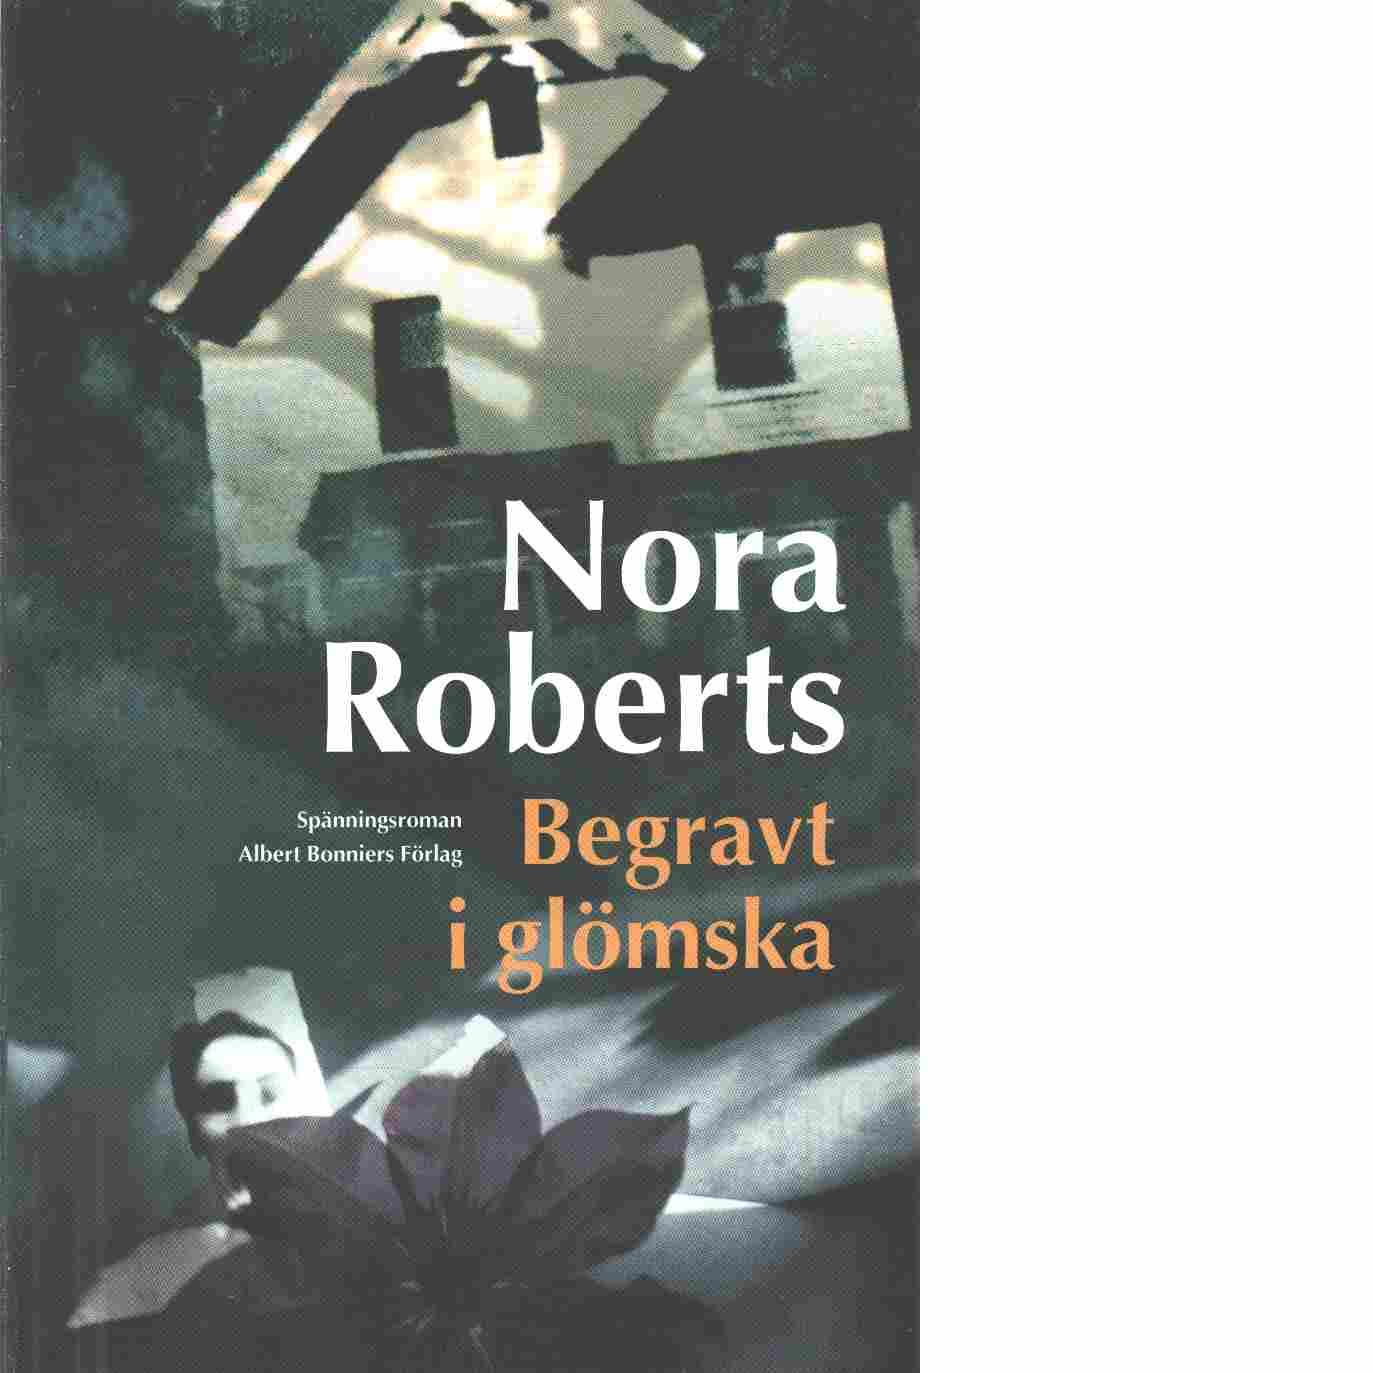 Begravt i glömska : spänningsroman - Roberts, Nora